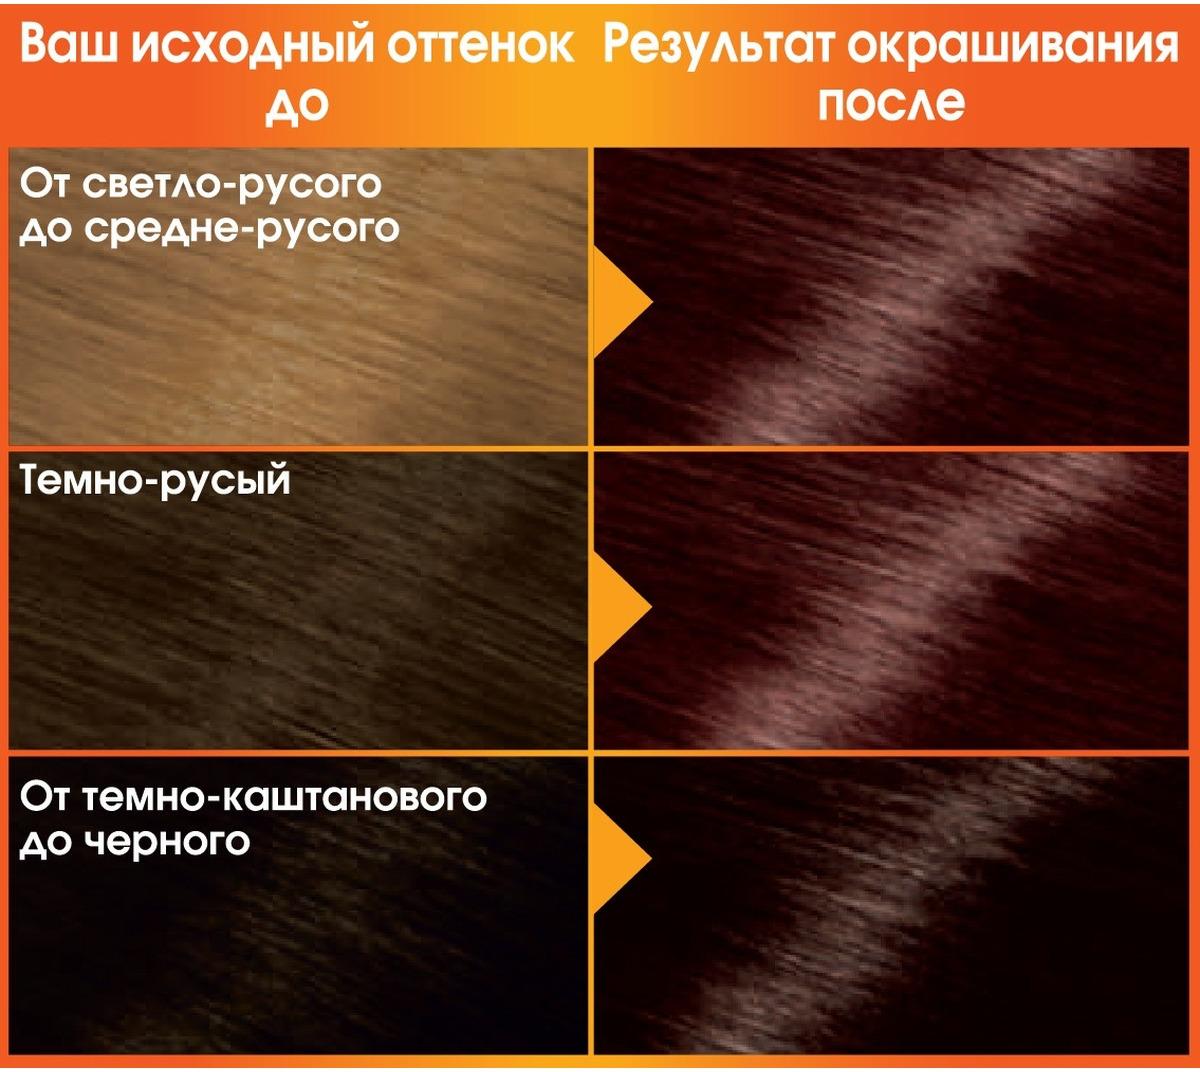 оттенки черной краски для волос фото выезде новосибирскую уже